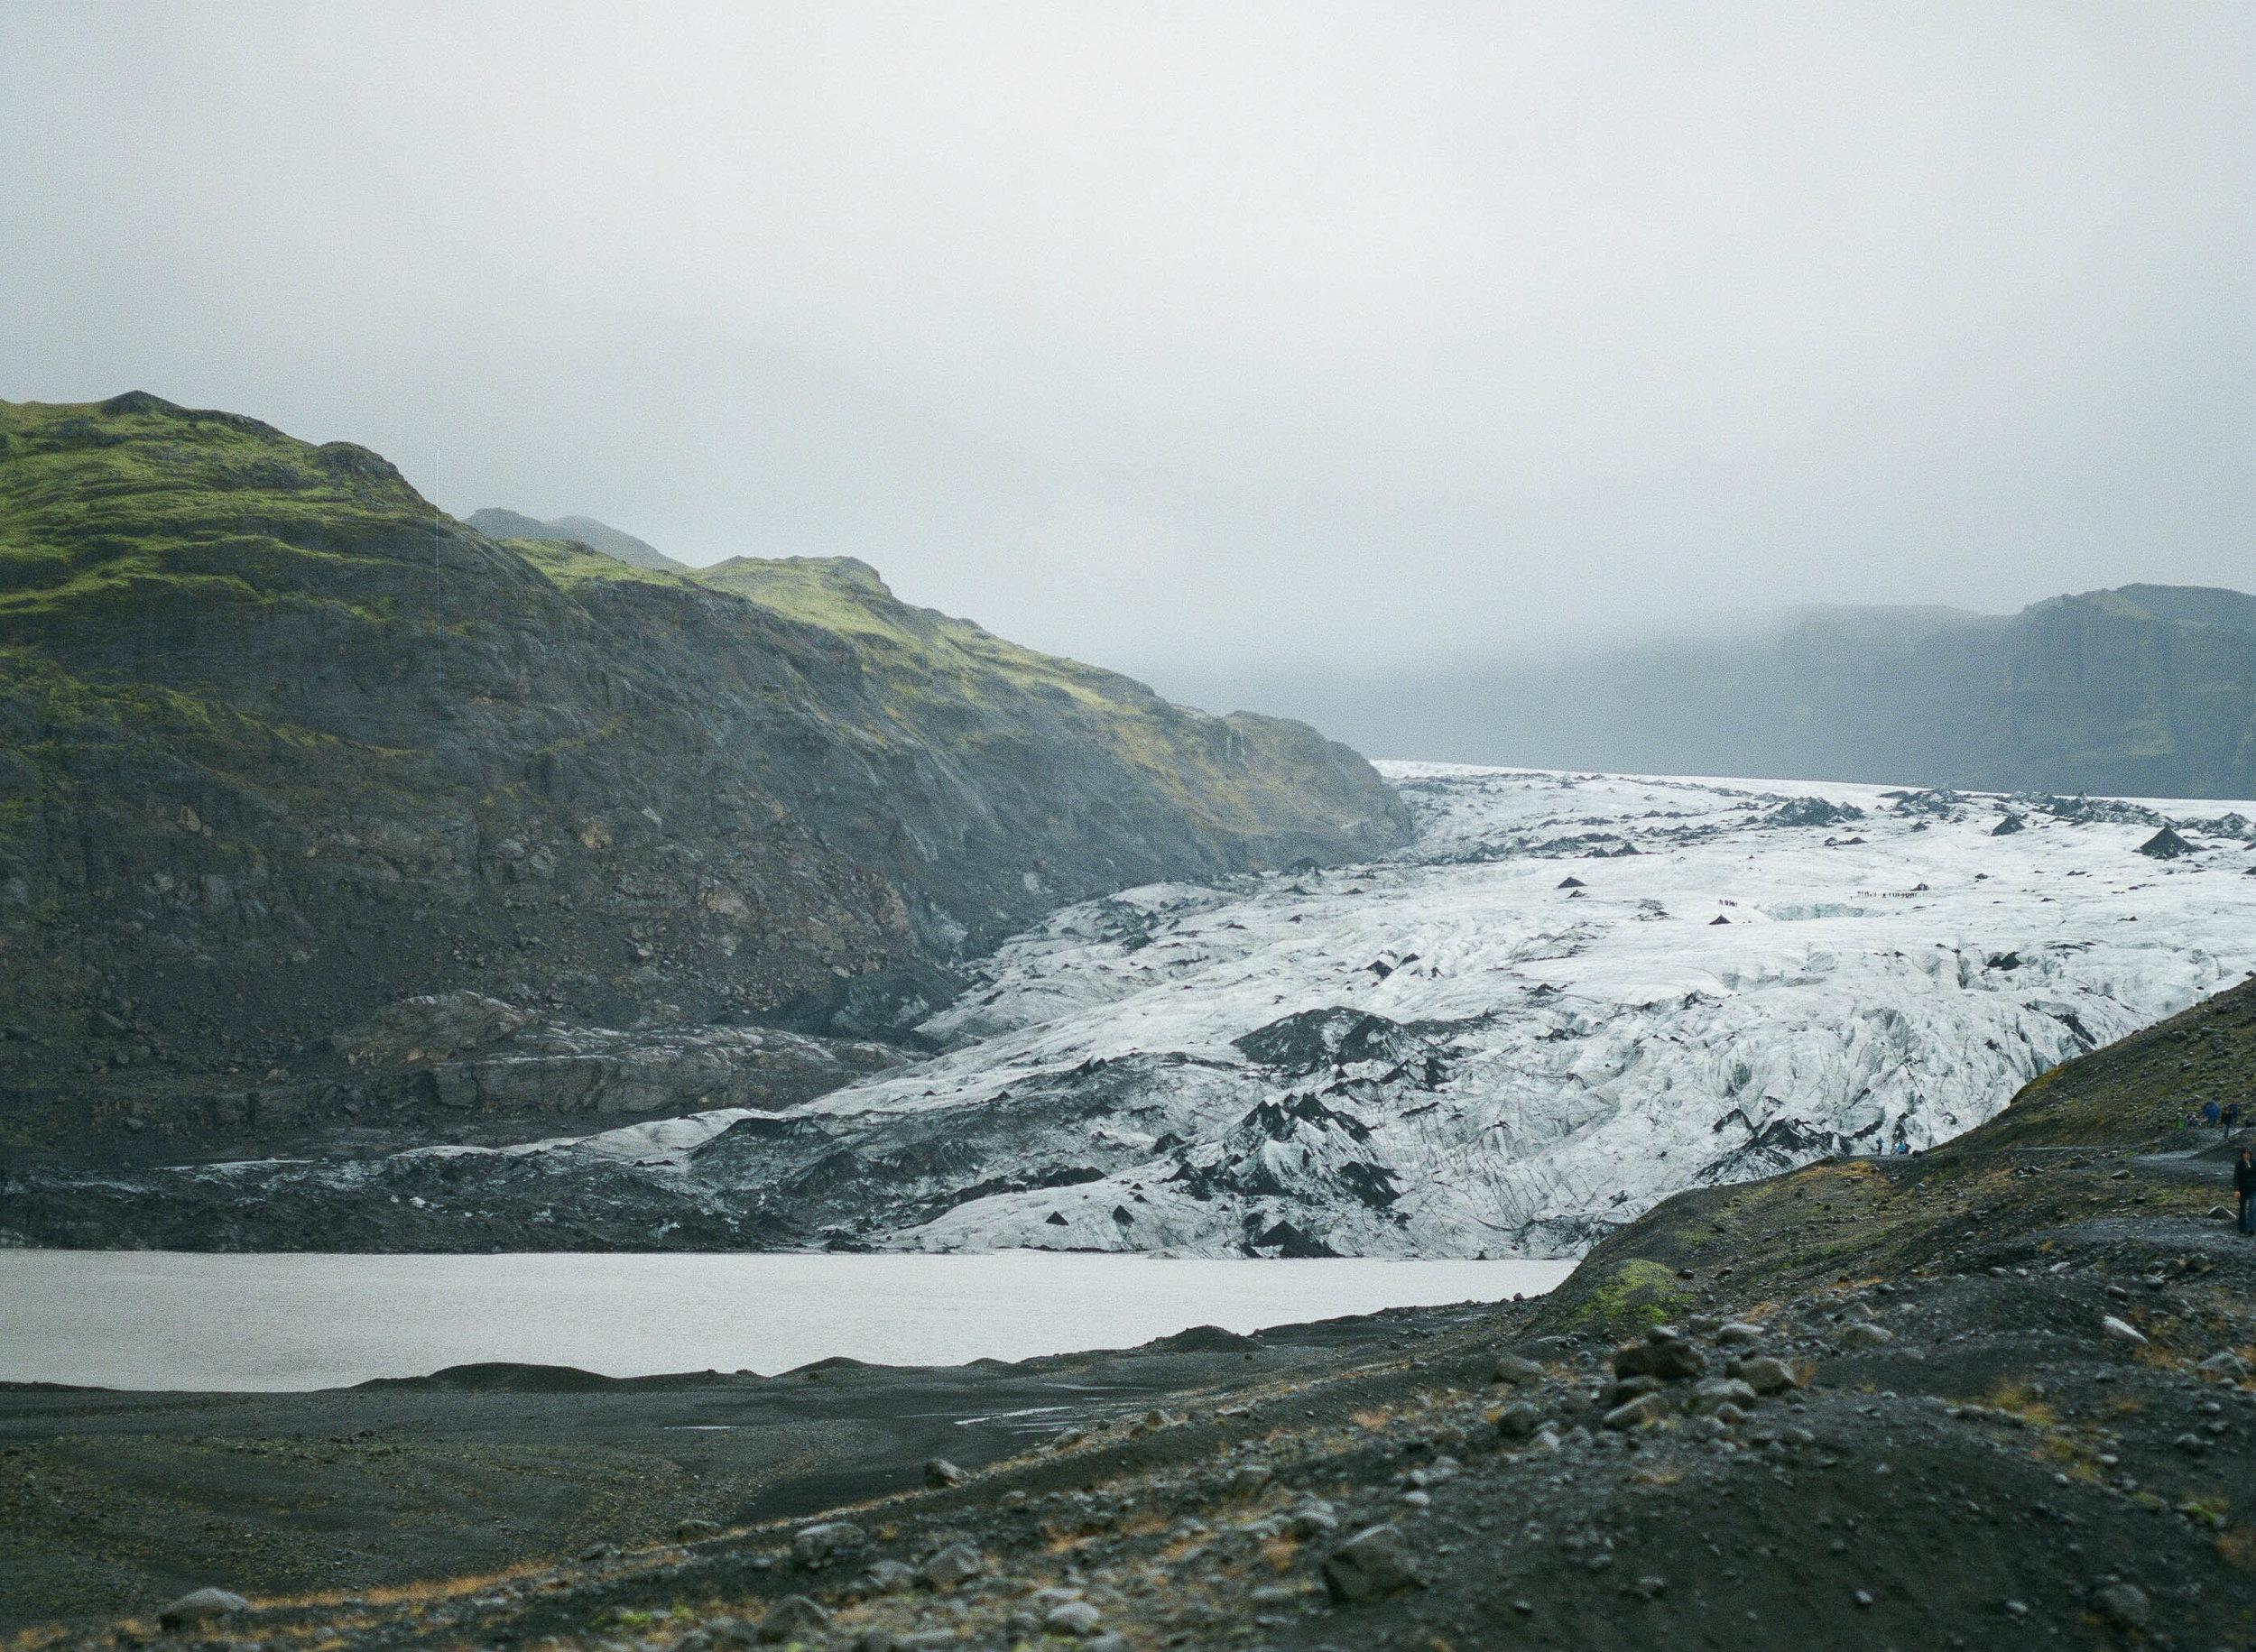 Kristen_Humbert_Film_Photographer_Iceland_2017-65200015.jpg